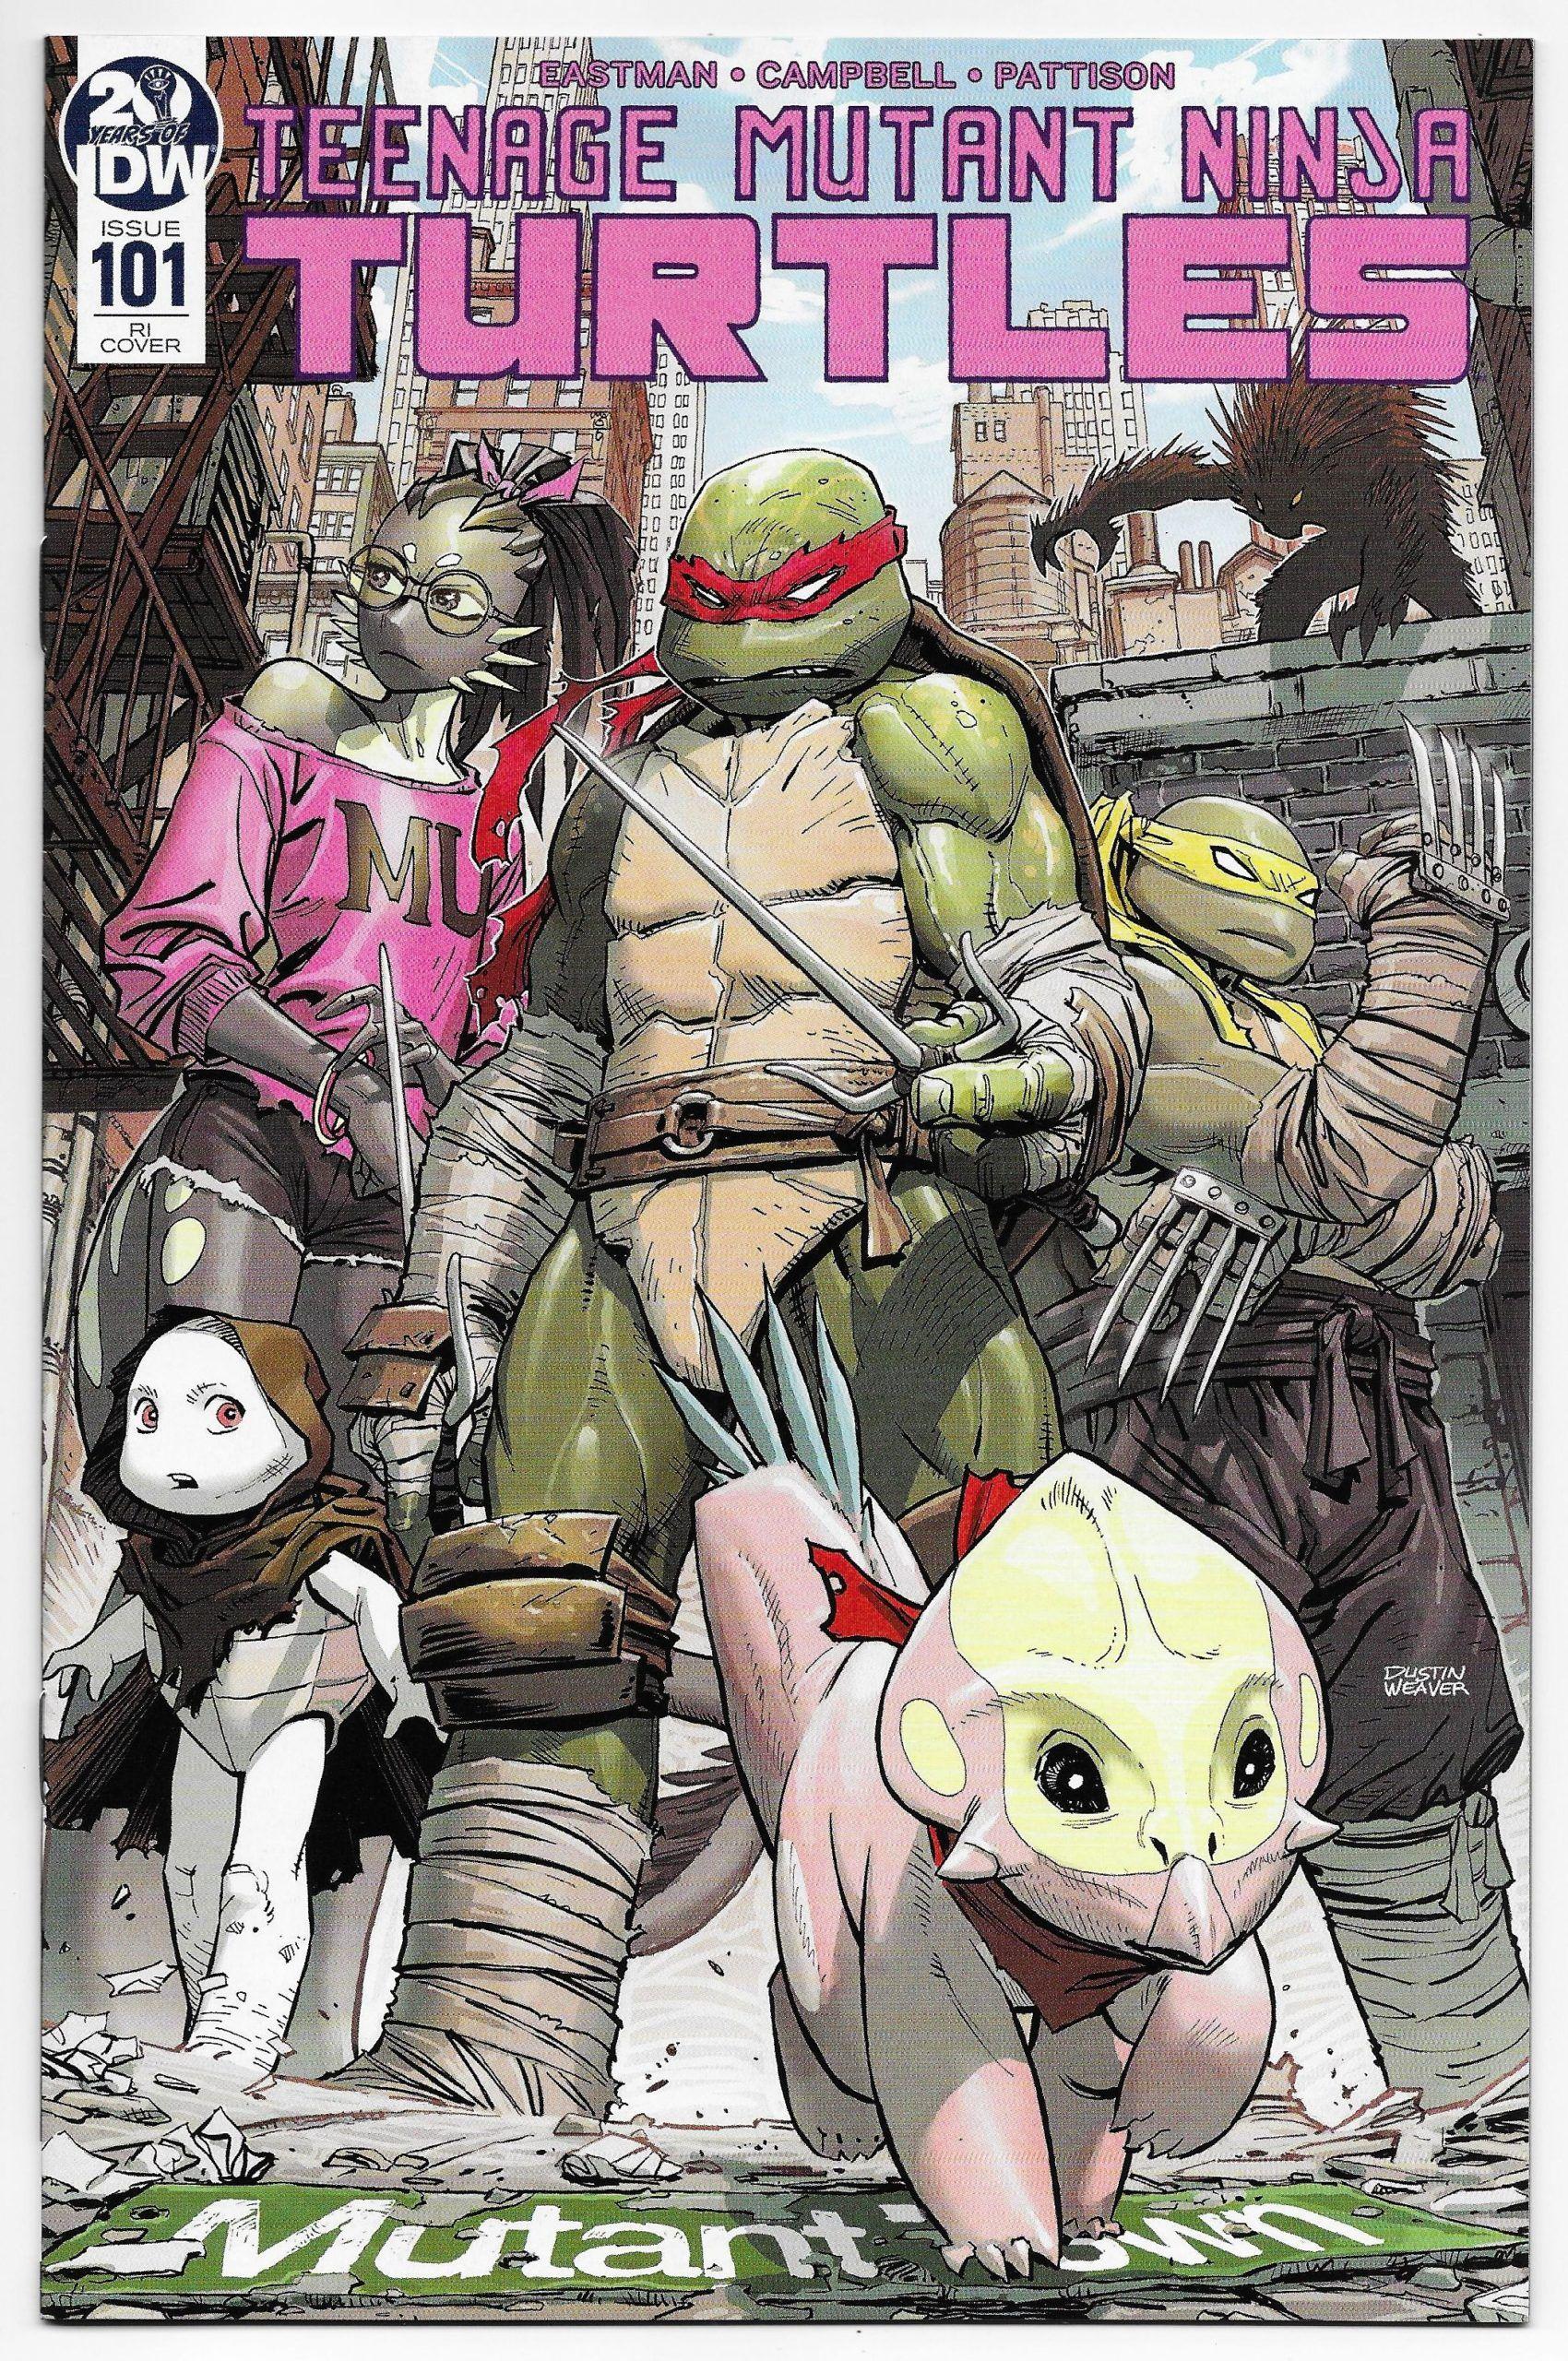 Tmnt Teenage Mutant Ninja Turtles 101 Weaver 1 10 Variant Idw 2020 Nm In 2020 Teenage Mutant Ninja Turtles Teenage Mutant Teenage Mutant Ninja